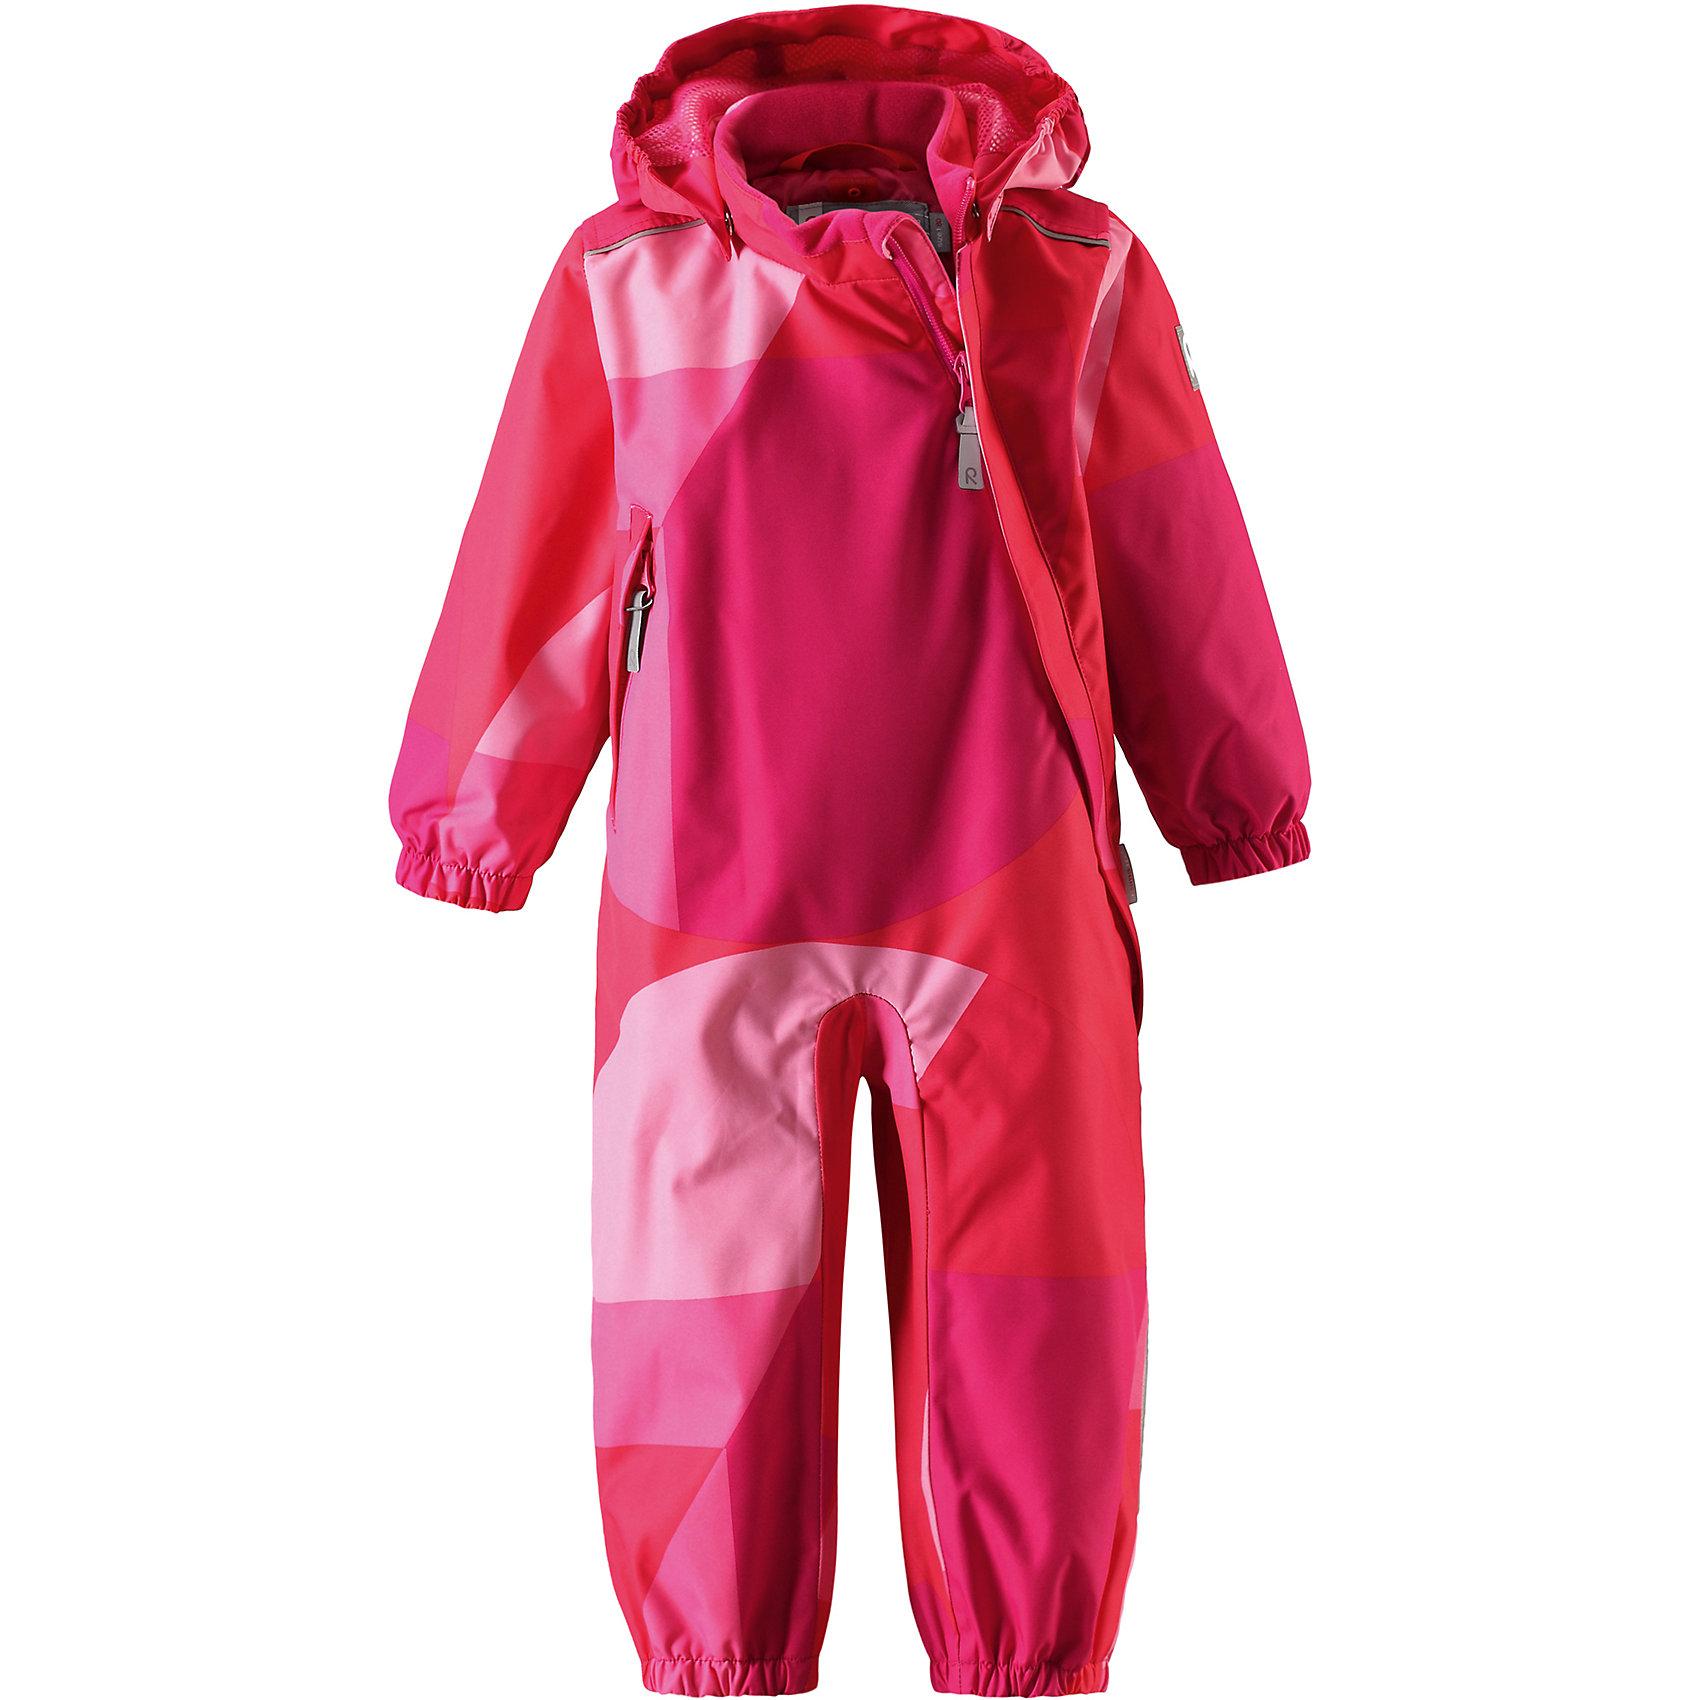 Комбинезон Nauru для девочки Reimatec® ReimaВерхняя одежда<br>Характеристики товара:<br><br>• цвет: розовый<br>• состав: 100% полиэстер, полиуретановое покрытие<br>• температурный режим: от +5° до +15°С<br>• водонепроницаемость: 15000 мм<br>• воздухопроницаемость: 5000 мм<br>• износостойкость: 35000 циклов (тес Мартиндейла)<br>• без утеплителя<br>• все швы проклеены, водонепроницаемы<br>• водо- и ветронепроницаемый, дышащий, грязеотталкивающий материал<br>• гладкая подкладка из полиэстера по всему изделию, mesh сетка на капюшоне<br>• безопасный съёмный капюшон<br>• эластичные манжеты<br>• прочные съёмные силиконовые штрипки<br>• длинная застёжка на молнии облегчает надевание<br>• карман на молнии<br>• комфортная посадка<br>• страна производства: Китай<br>• страна бренда: Финляндия<br>• коллекция: весна-лето 2017<br><br>Верхняя одежда для детей может быть модной и комфортной одновременно! Демисезонный комбинезон поможет обеспечить ребенку комфорт и тепло. Он отлично смотрится с различной обувью. Изделие удобно сидит и модно выглядит. Материал - прочный, хорошо подходящий для межсезонья, водо- и ветронепроницаемый, «дышащий». Стильный дизайн разрабатывался специально для детей.<br><br>Одежда и обувь от финского бренда Reima пользуется популярностью во многих странах. Эти изделия стильные, качественные и удобные. Для производства продукции используются только безопасные, проверенные материалы и фурнитура. Порадуйте ребенка модными и красивыми вещами от Reima! <br><br>Комбинезон для девочки Reimatec® от финского бренда Reima (Рейма) можно купить в нашем интернет-магазине.<br><br>Ширина мм: 356<br>Глубина мм: 10<br>Высота мм: 245<br>Вес г: 519<br>Цвет: розовый<br>Возраст от месяцев: 6<br>Возраст до месяцев: 9<br>Пол: Женский<br>Возраст: Детский<br>Размер: 74,92,98,86,80<br>SKU: 5265784